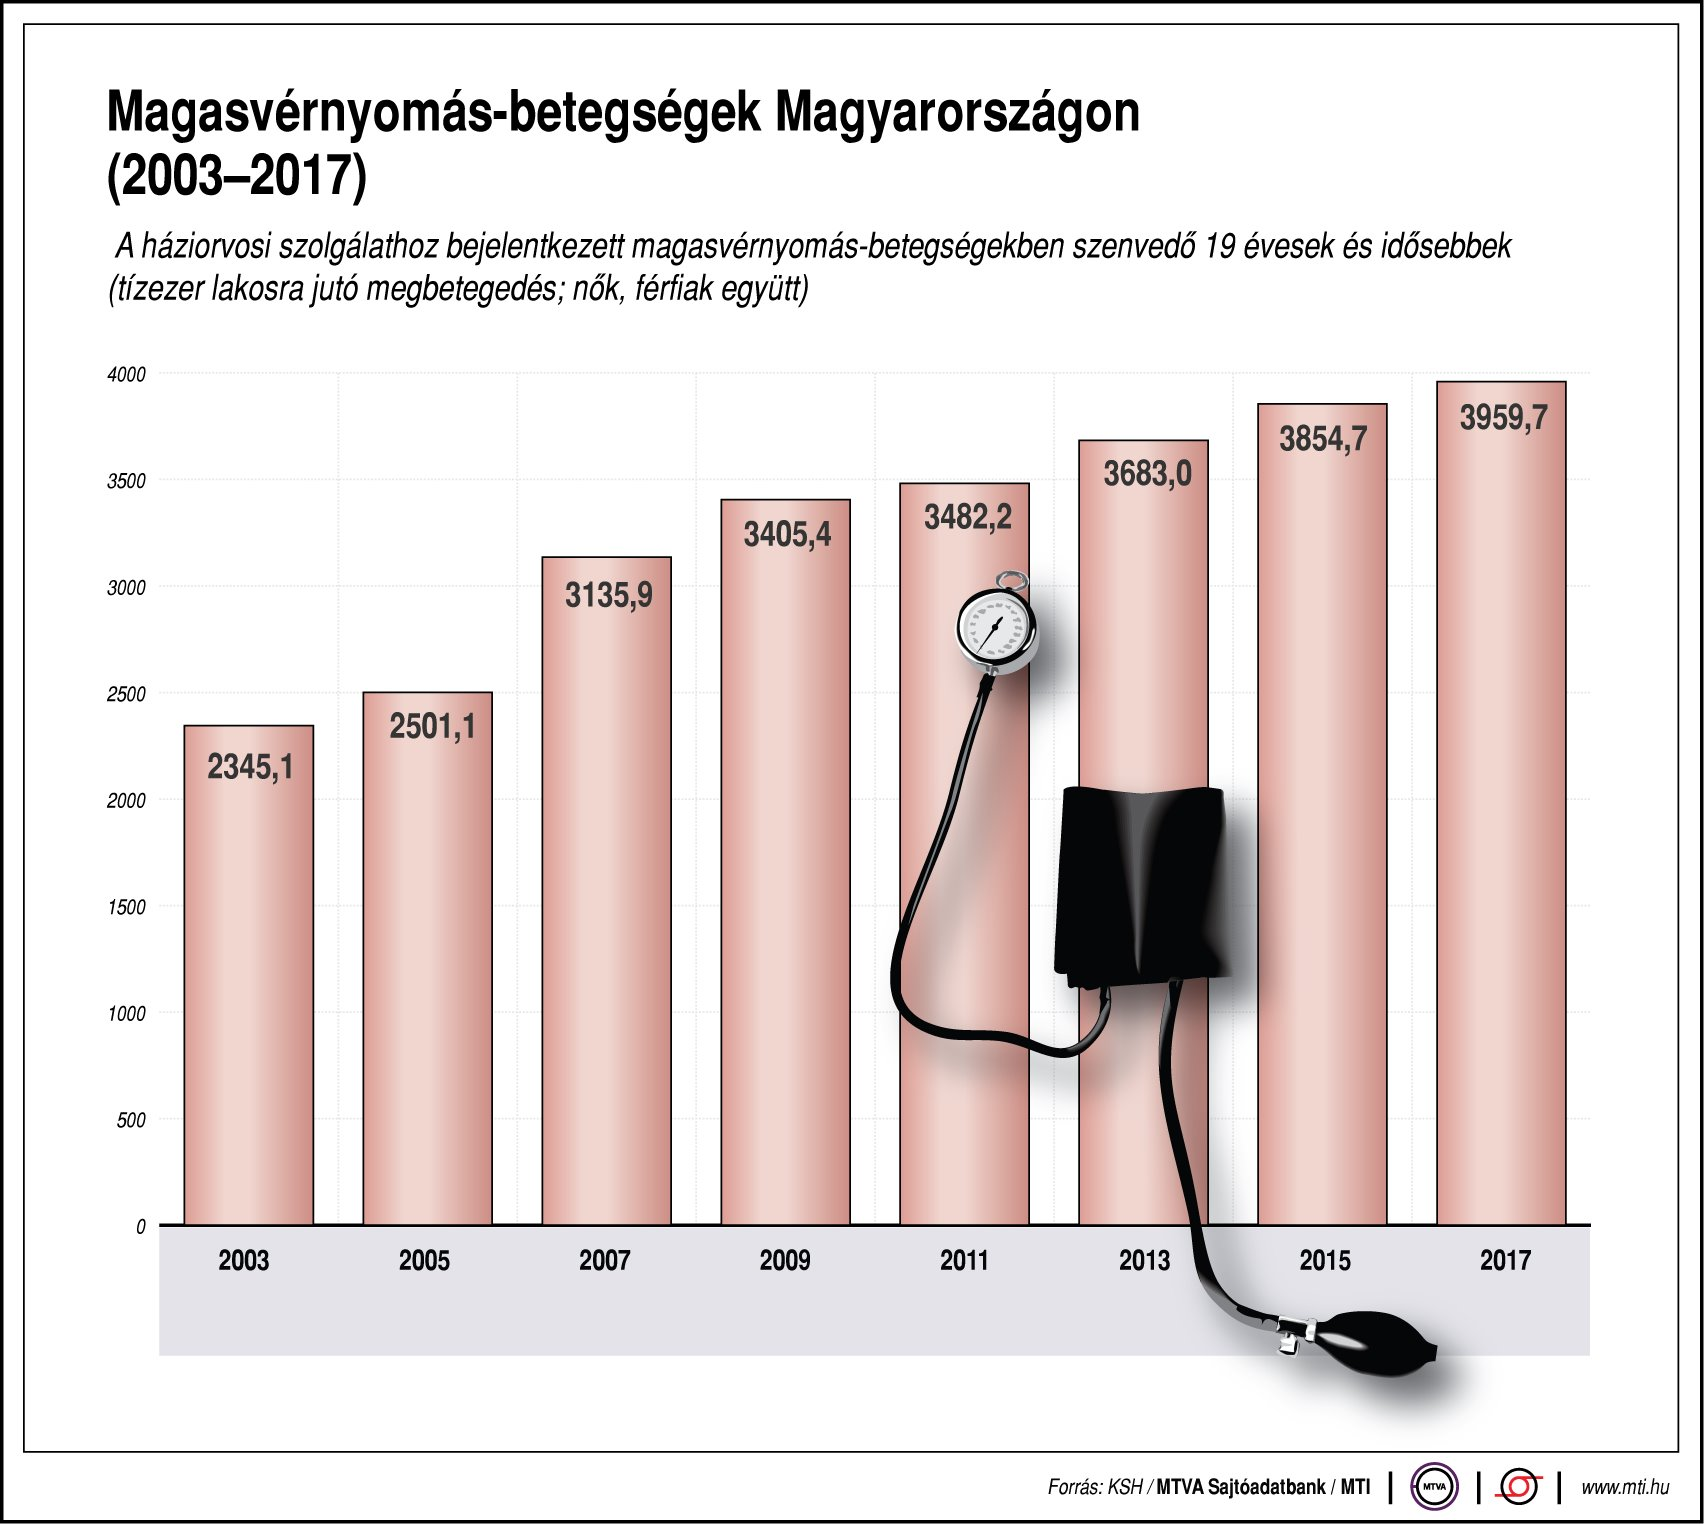 magas vérnyomás és nyugdíj